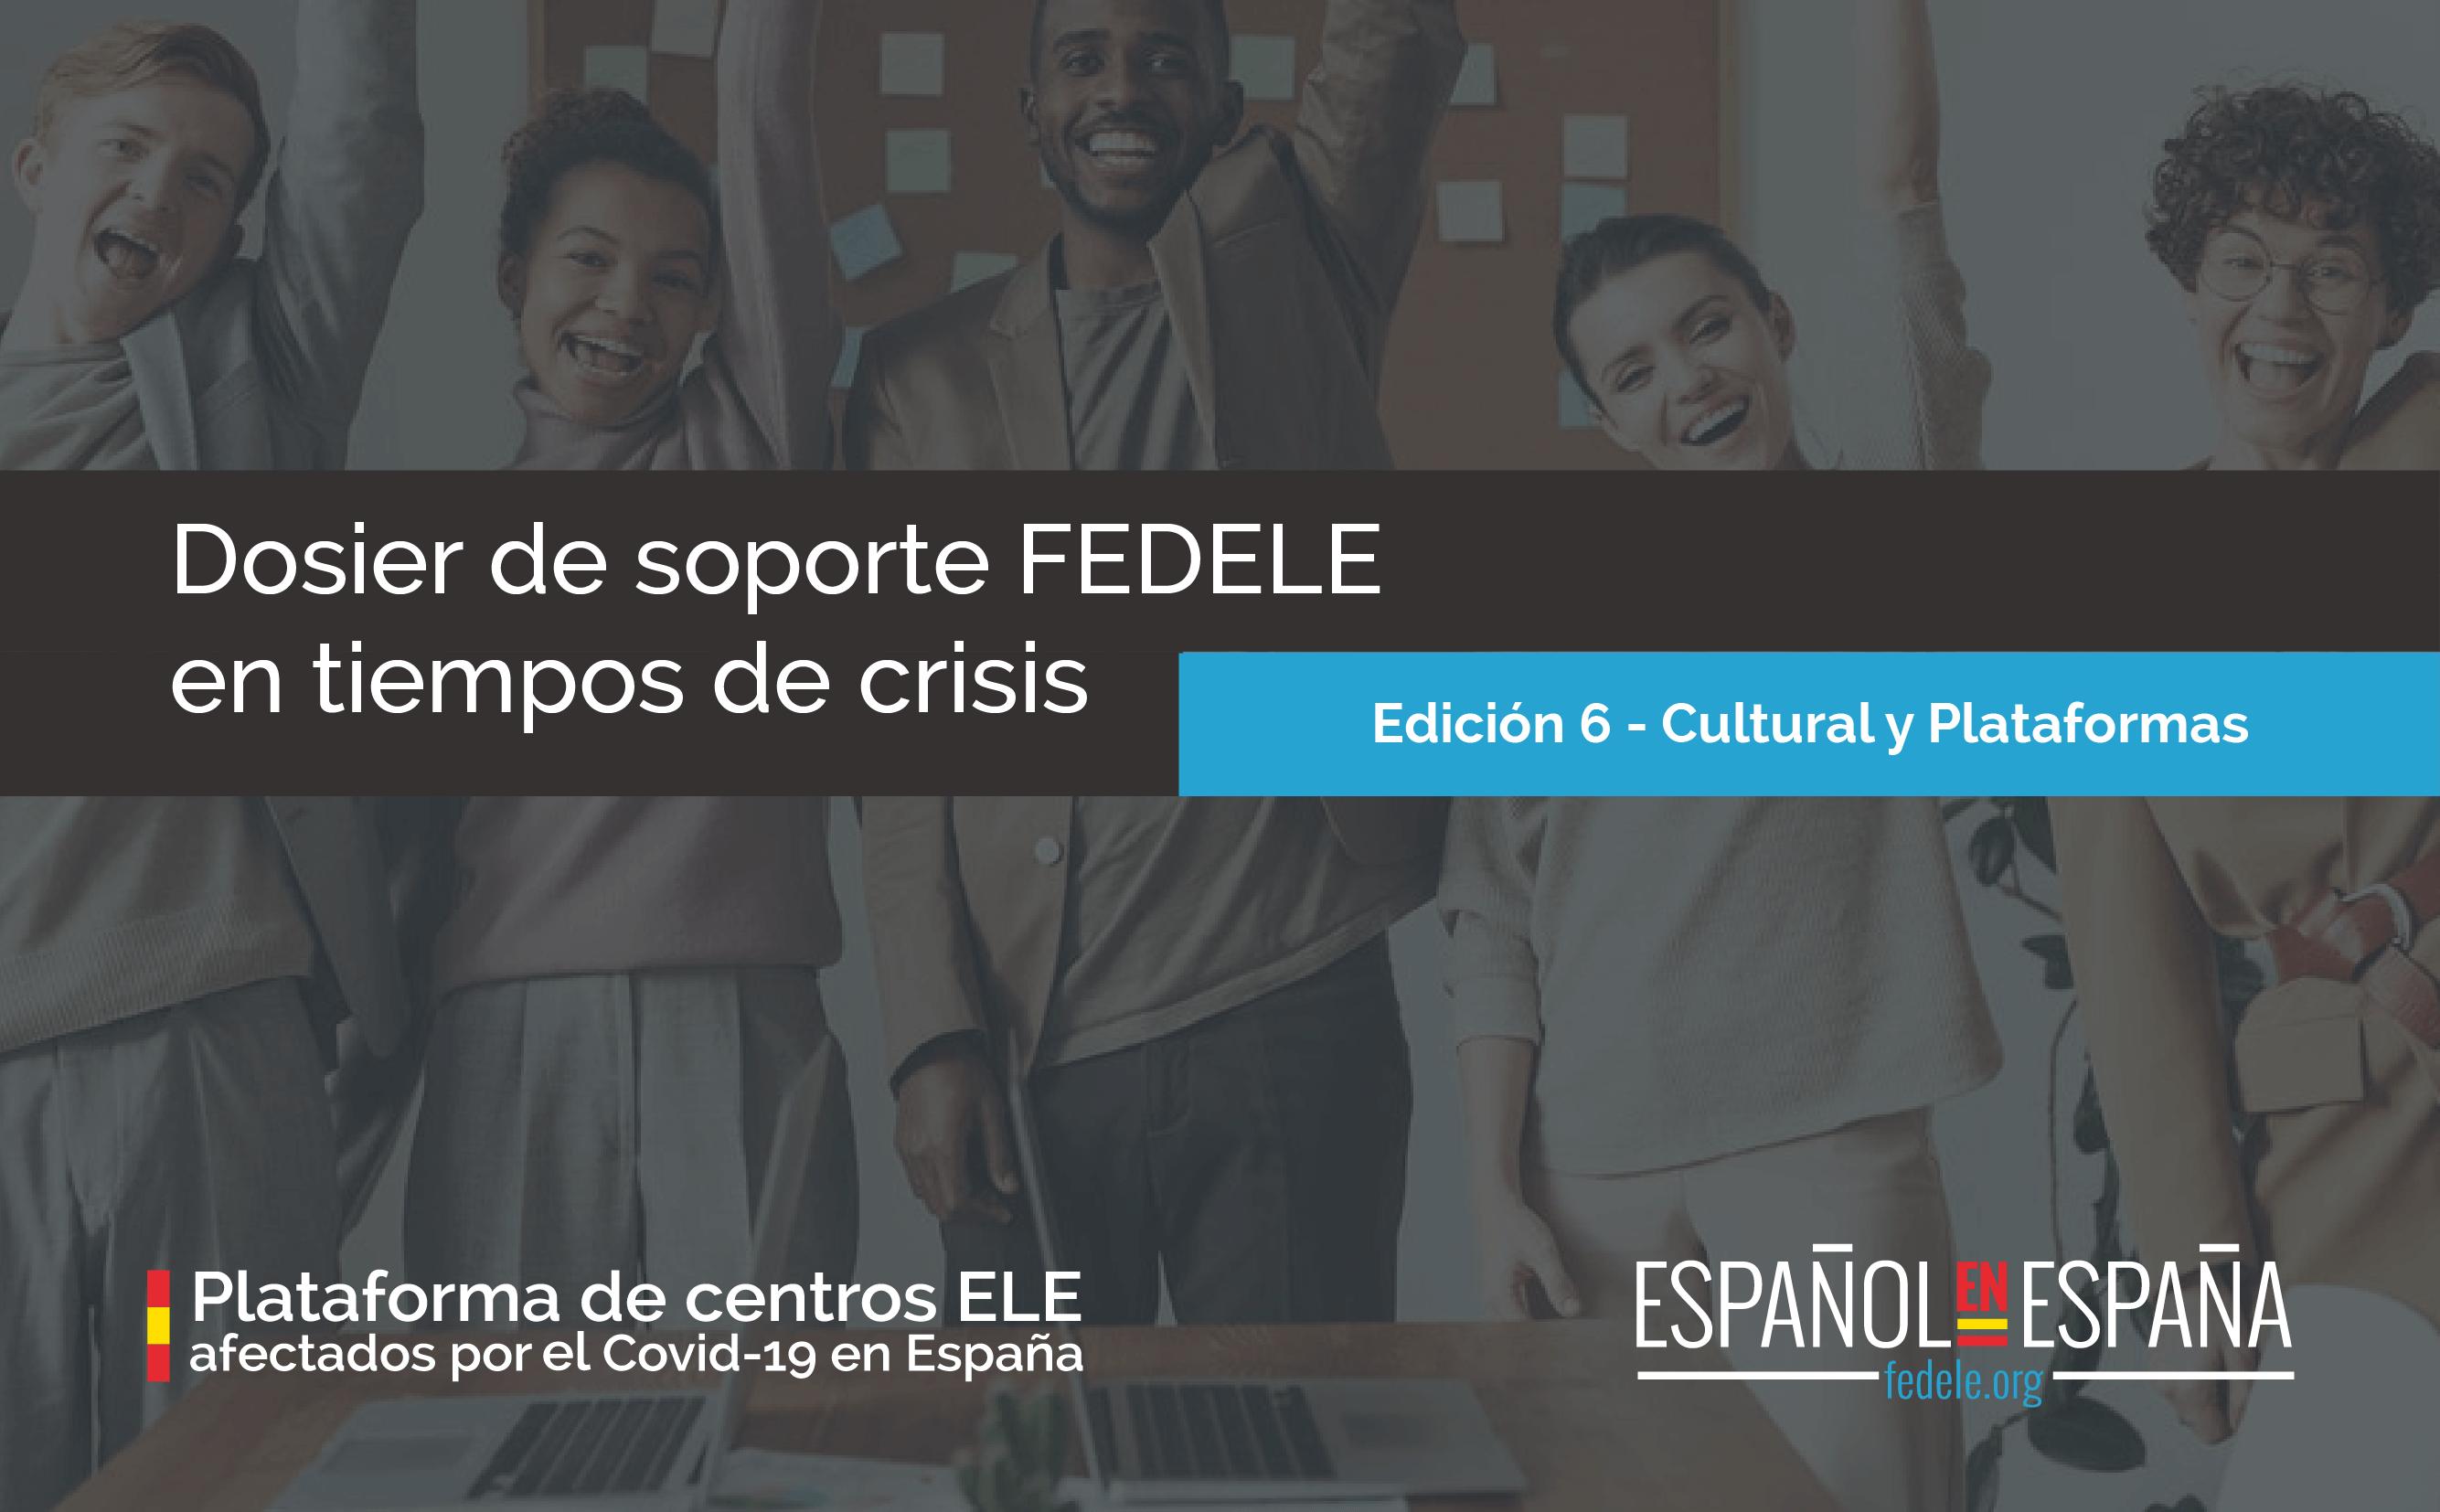 Dosier de soporte FEDELE en tiempo de crisis – Sexta edición en abierto